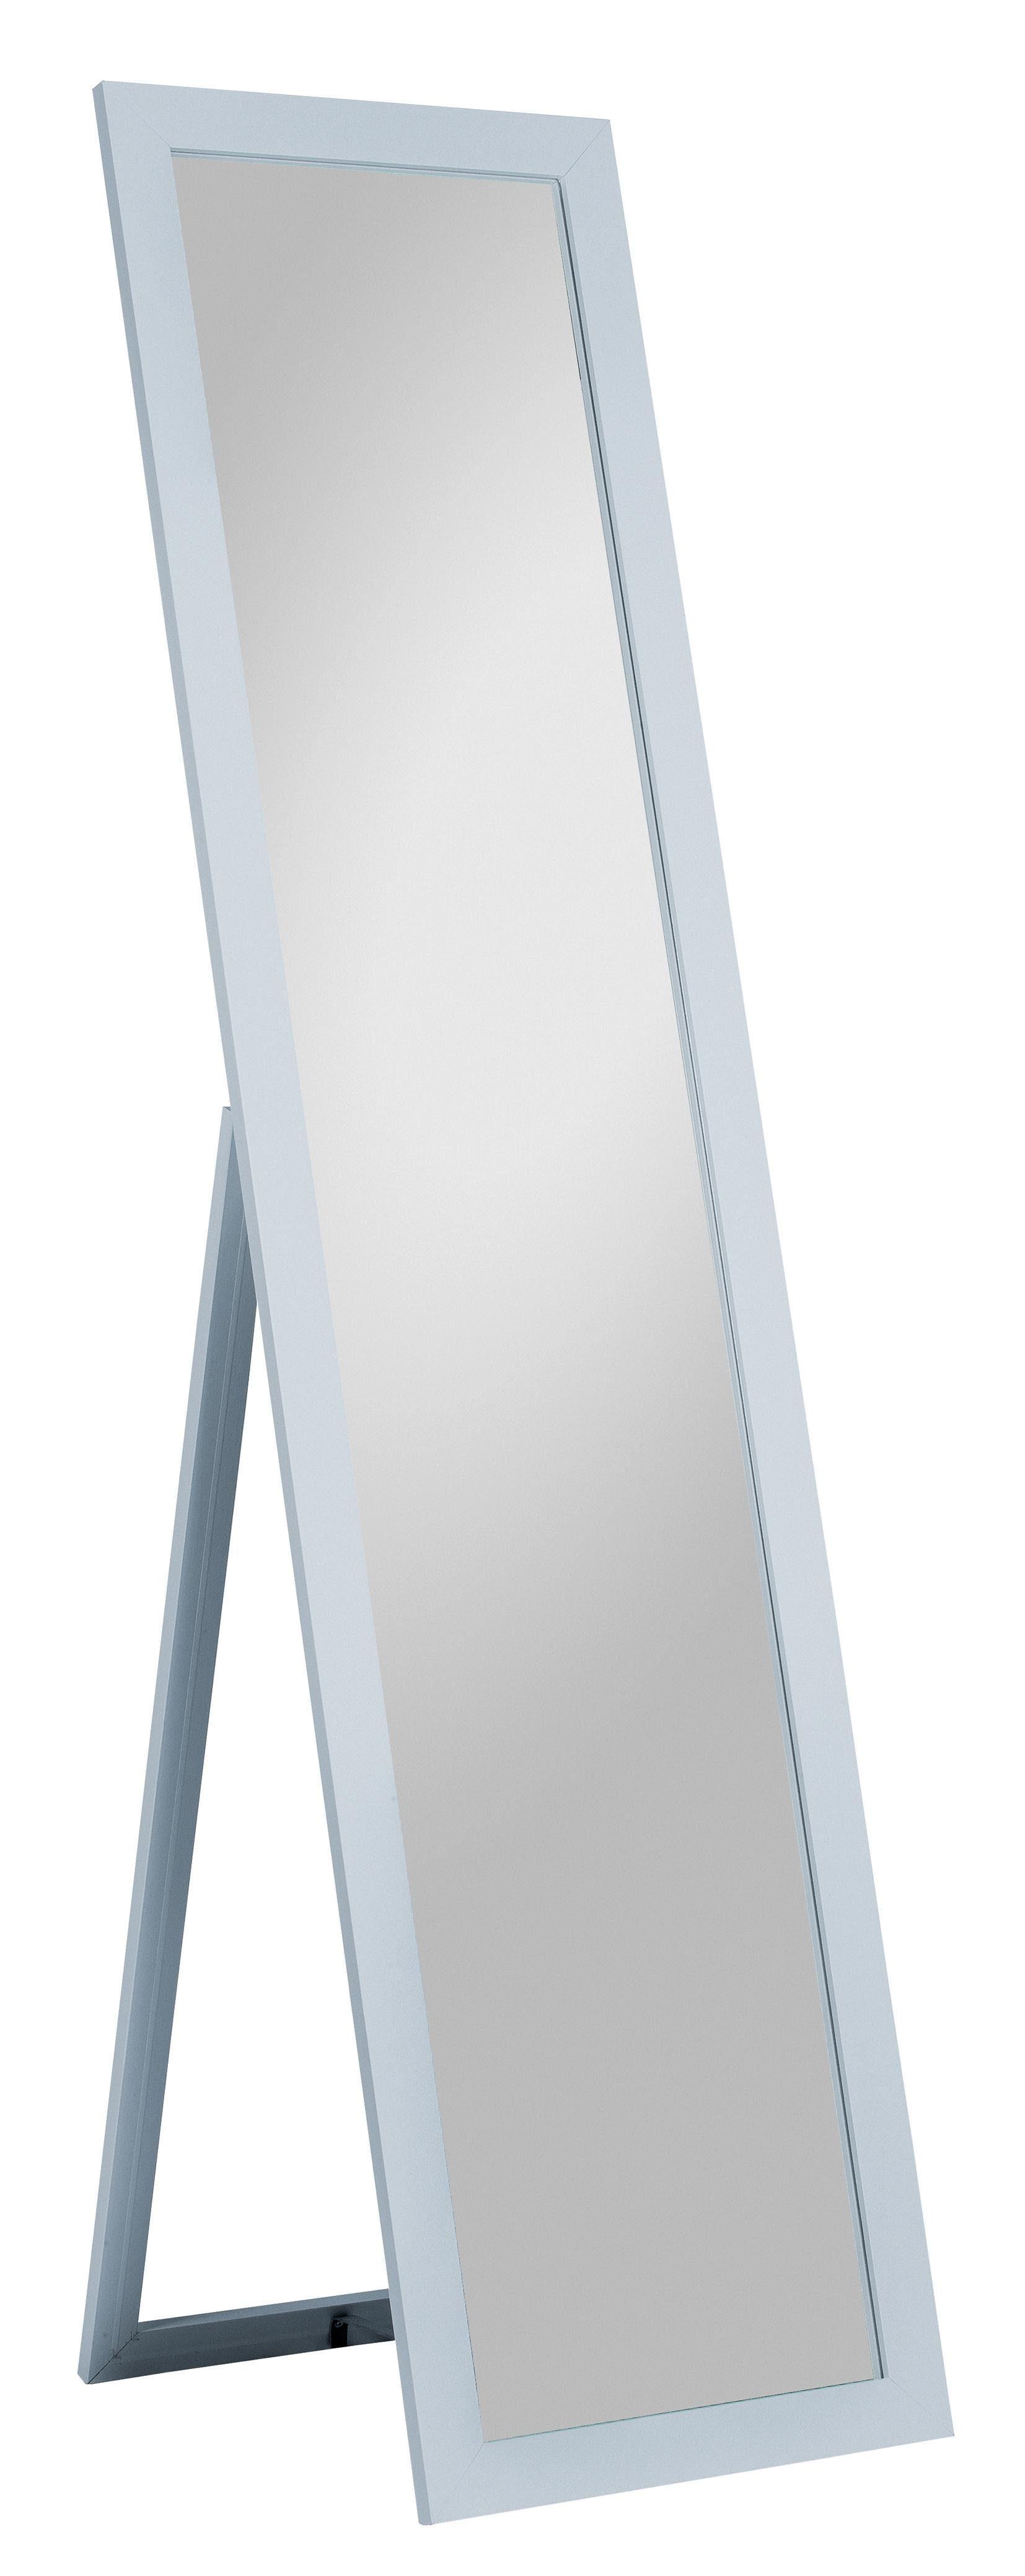 Home affaire Standspiegel »Emilia«, 40/160 cm